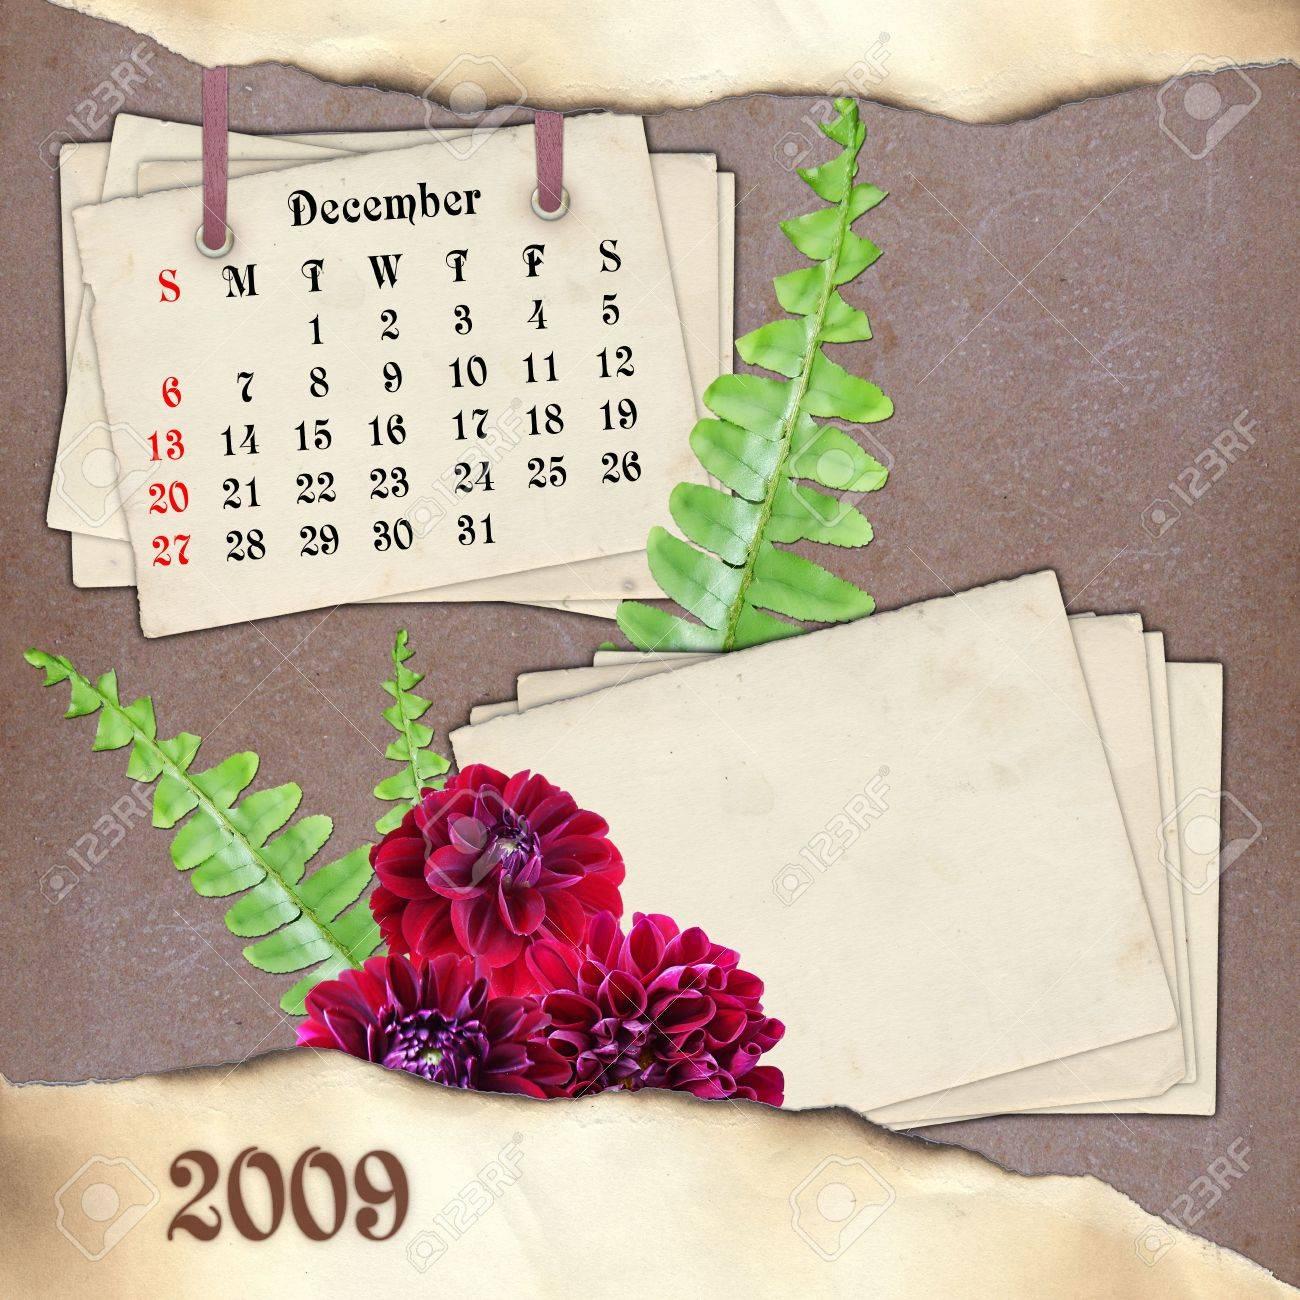 Calendrier Scrapbooking.Le Mois De Decembre Page De Calendrier En Scrapbooking Style